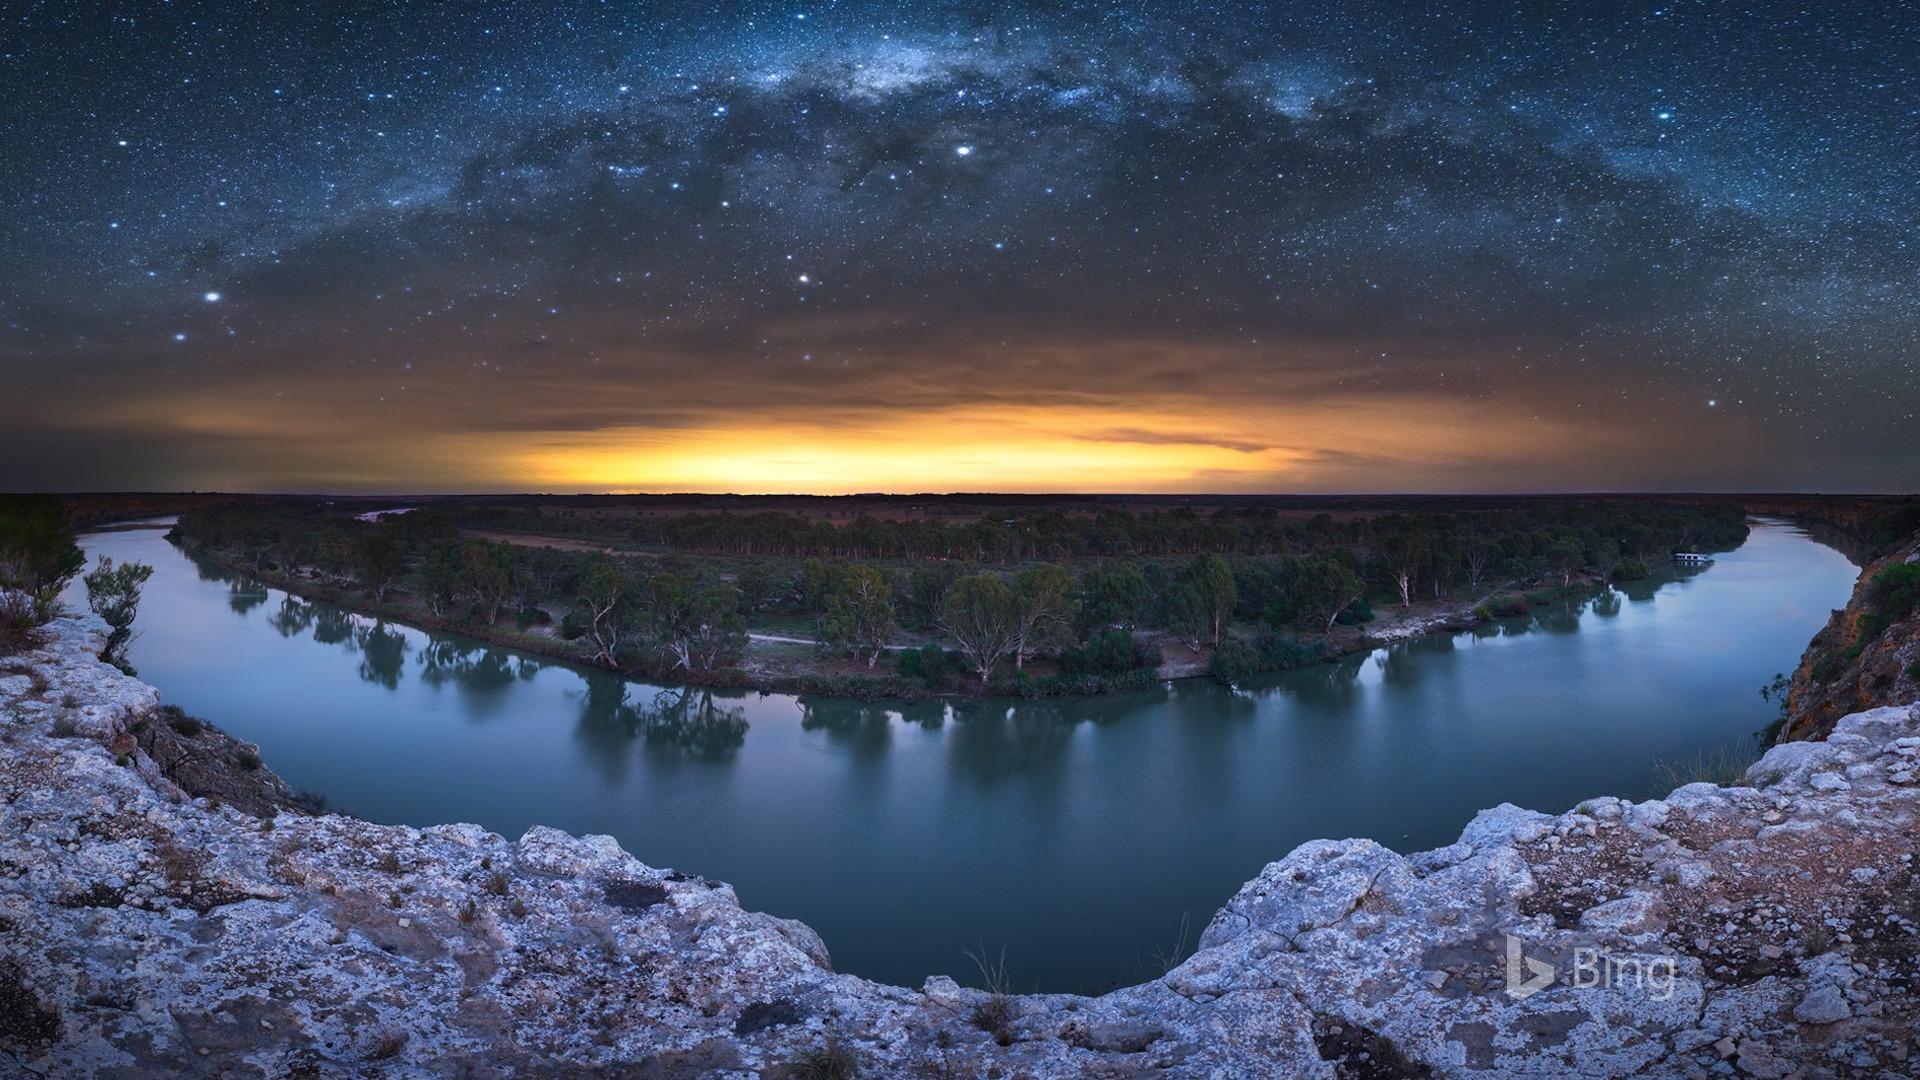 墨菲河上的银河,2018,Bing,桌面预览 | 10wallpaper.com